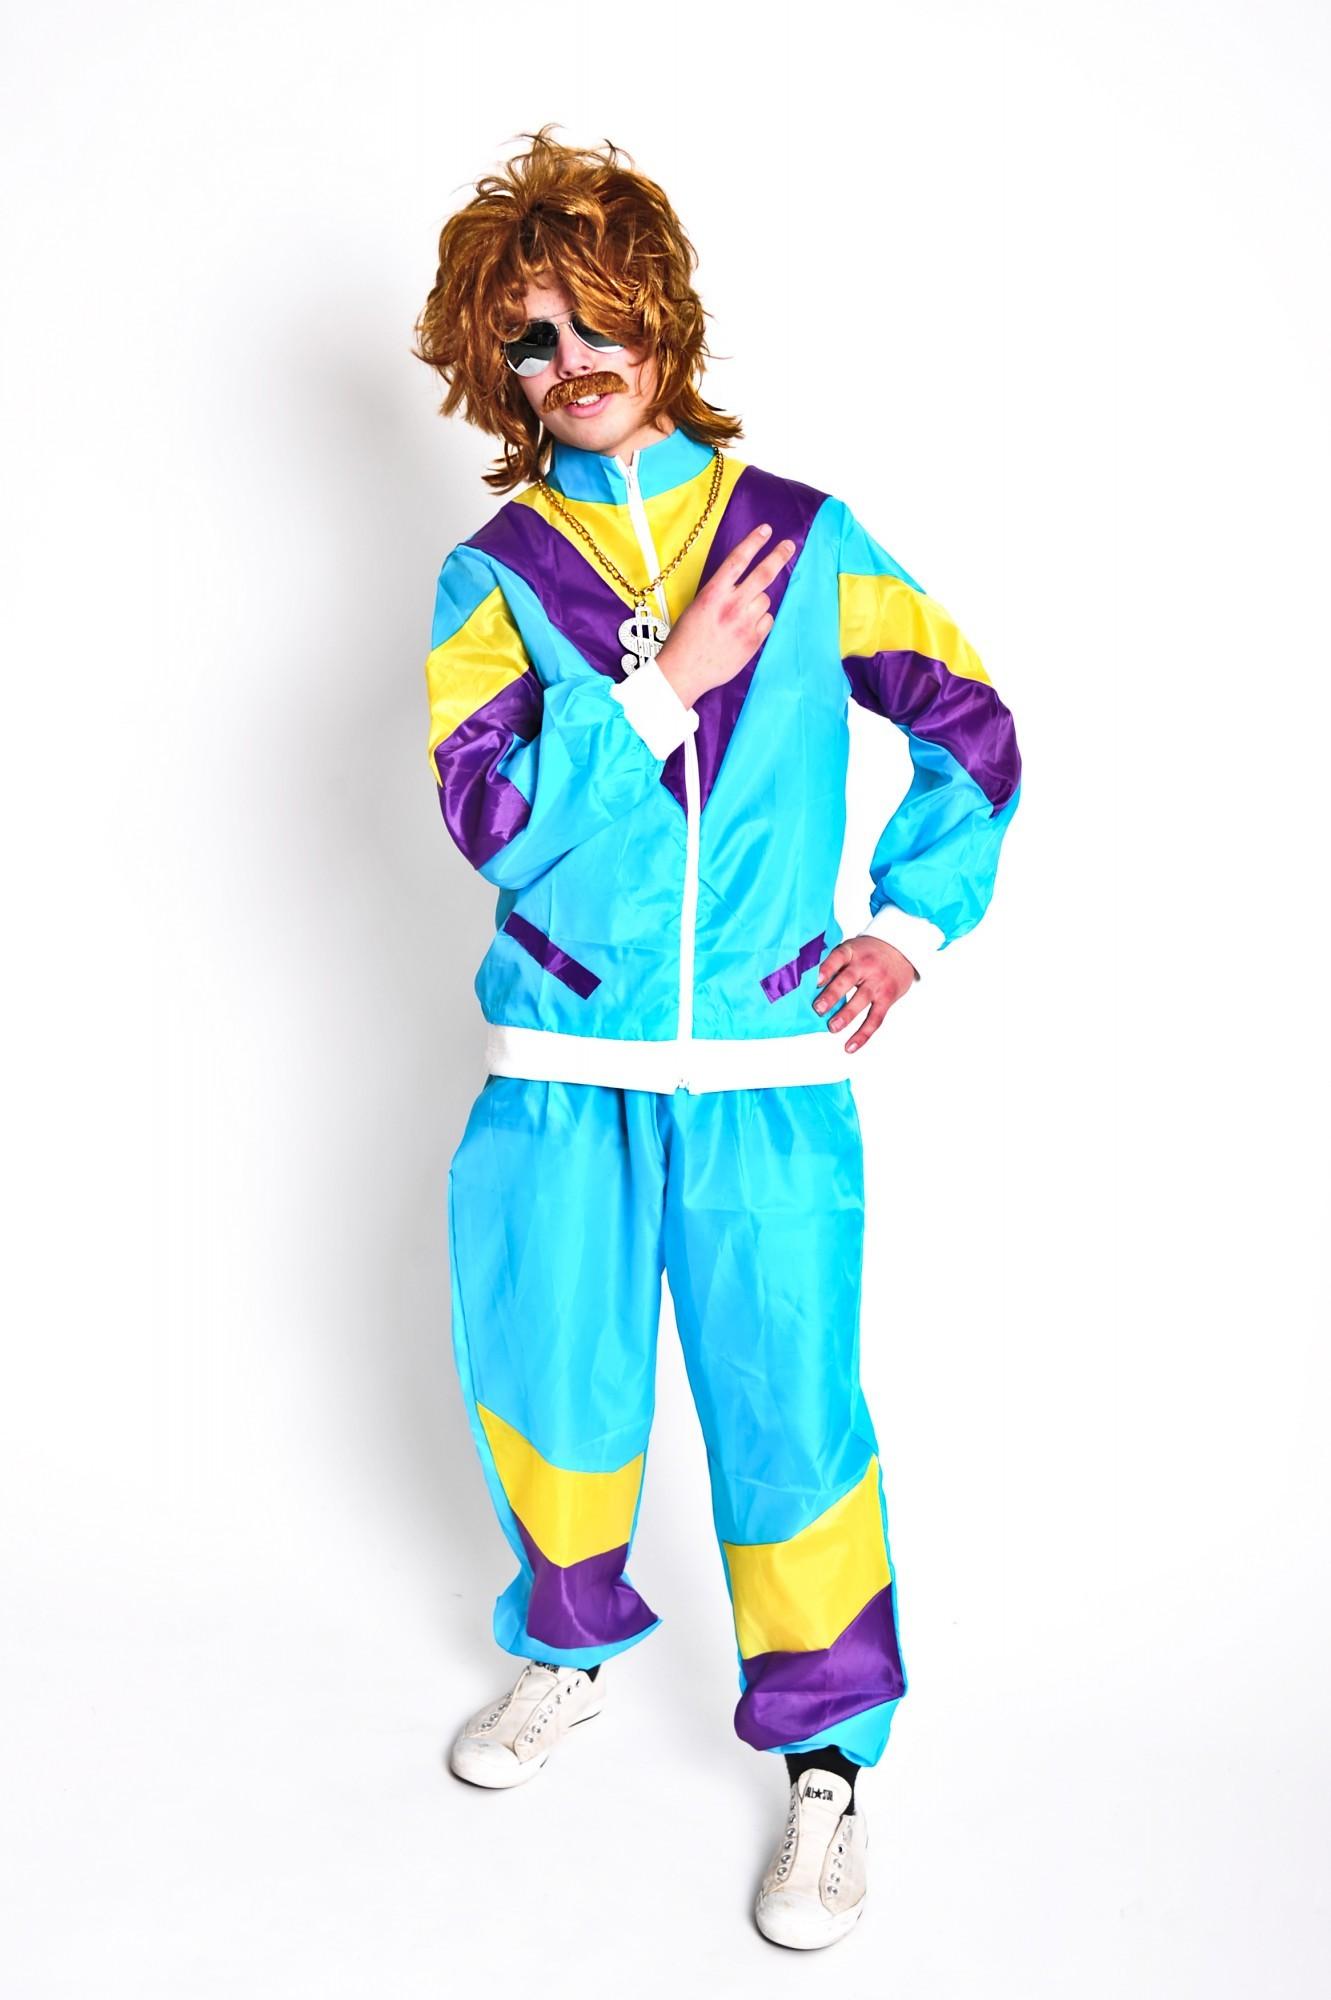 Einzelhandelspreise Outlet-Boutique heiß-verkaufende Mode 80er Jahre Trainingsanzug für Herren - lila türkis gelb